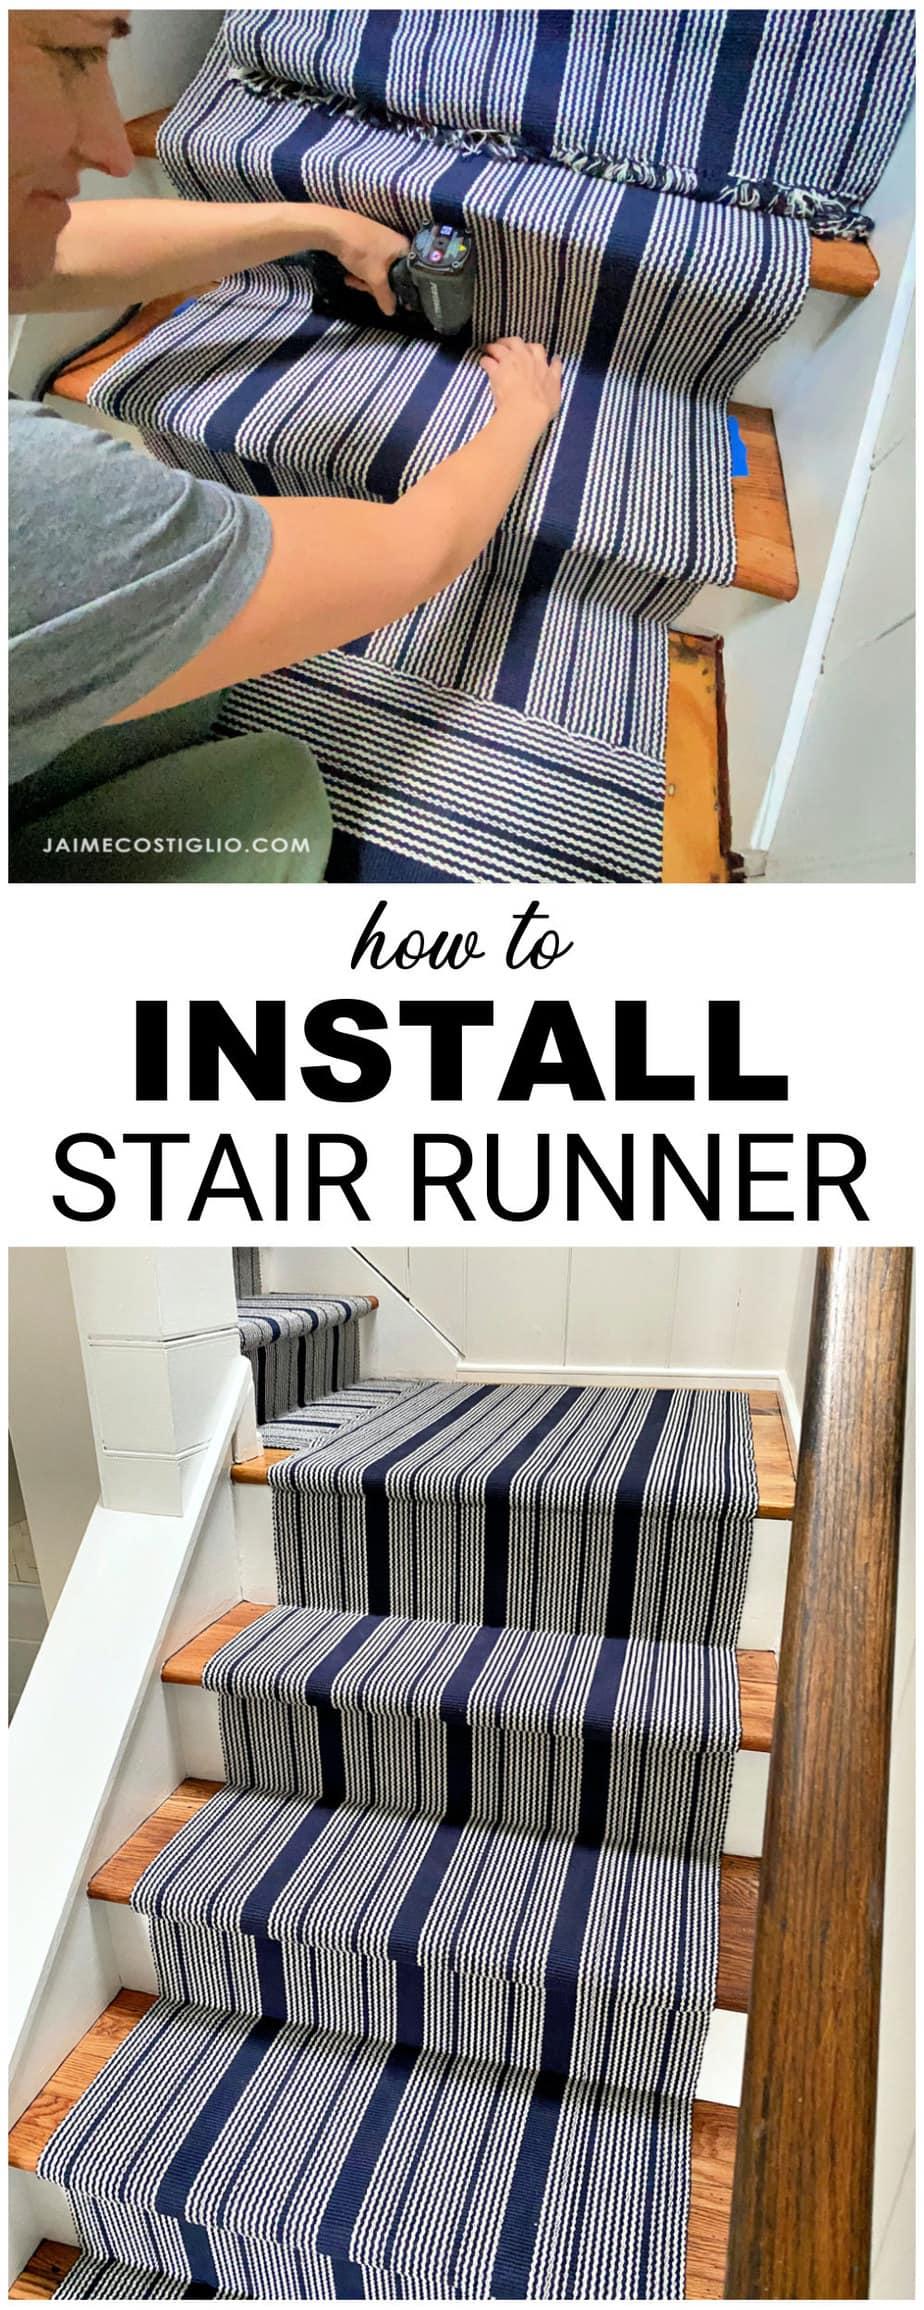 installing a stair runner